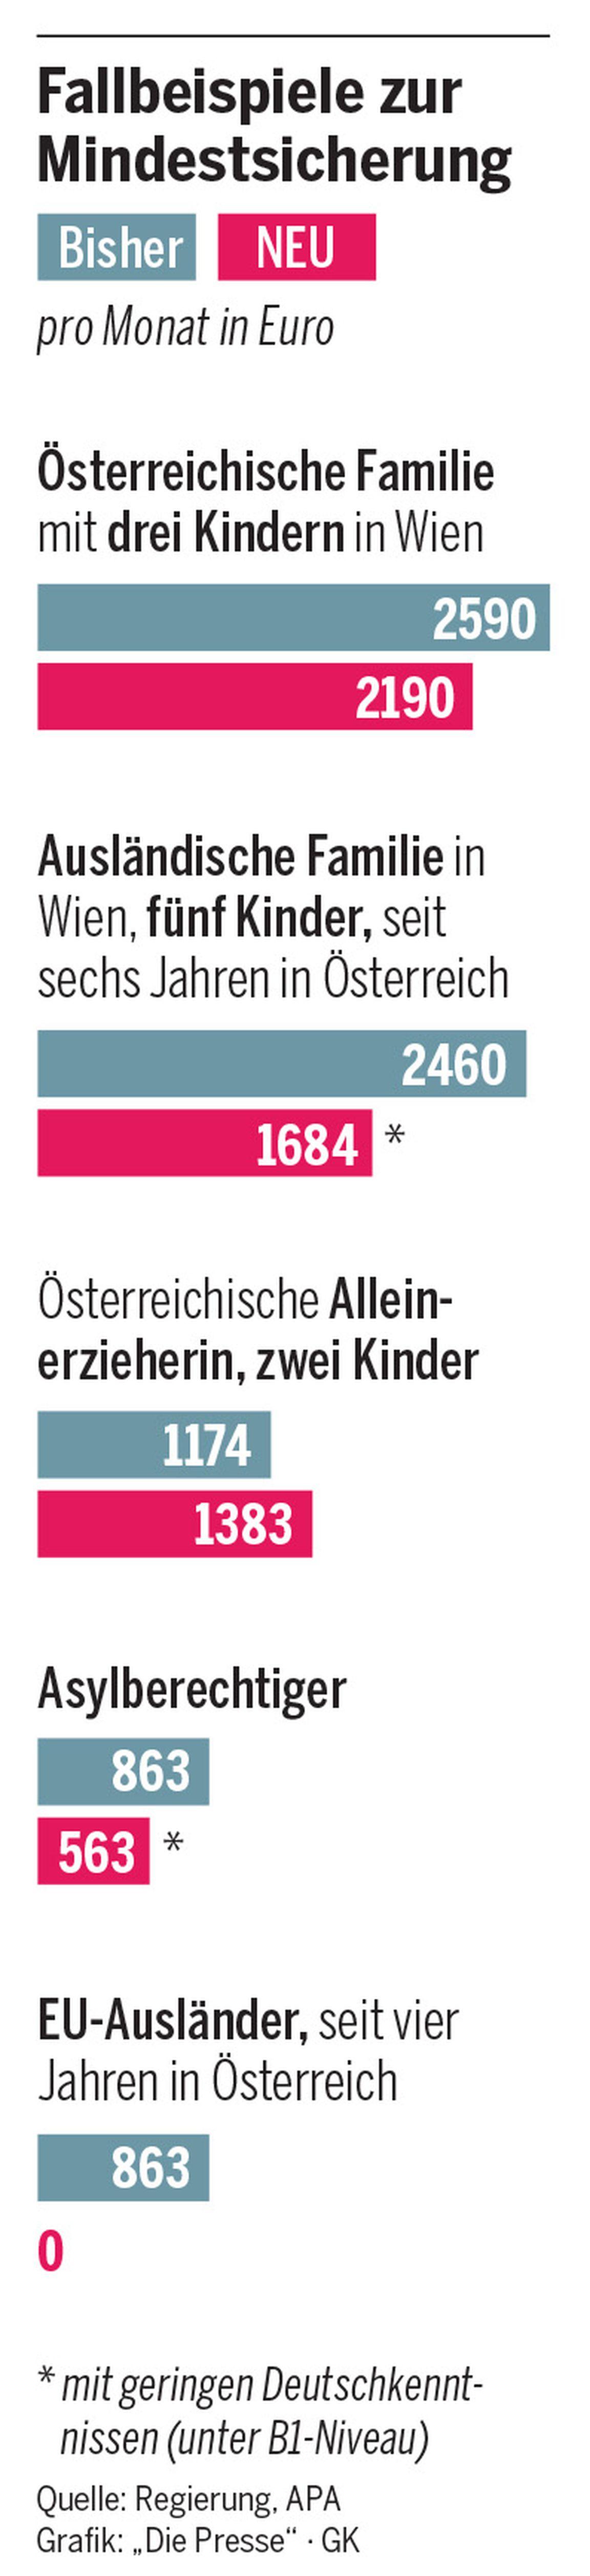 Mindestsicherung Gutes Deutsch Bringt 300 Euro Diepressecom